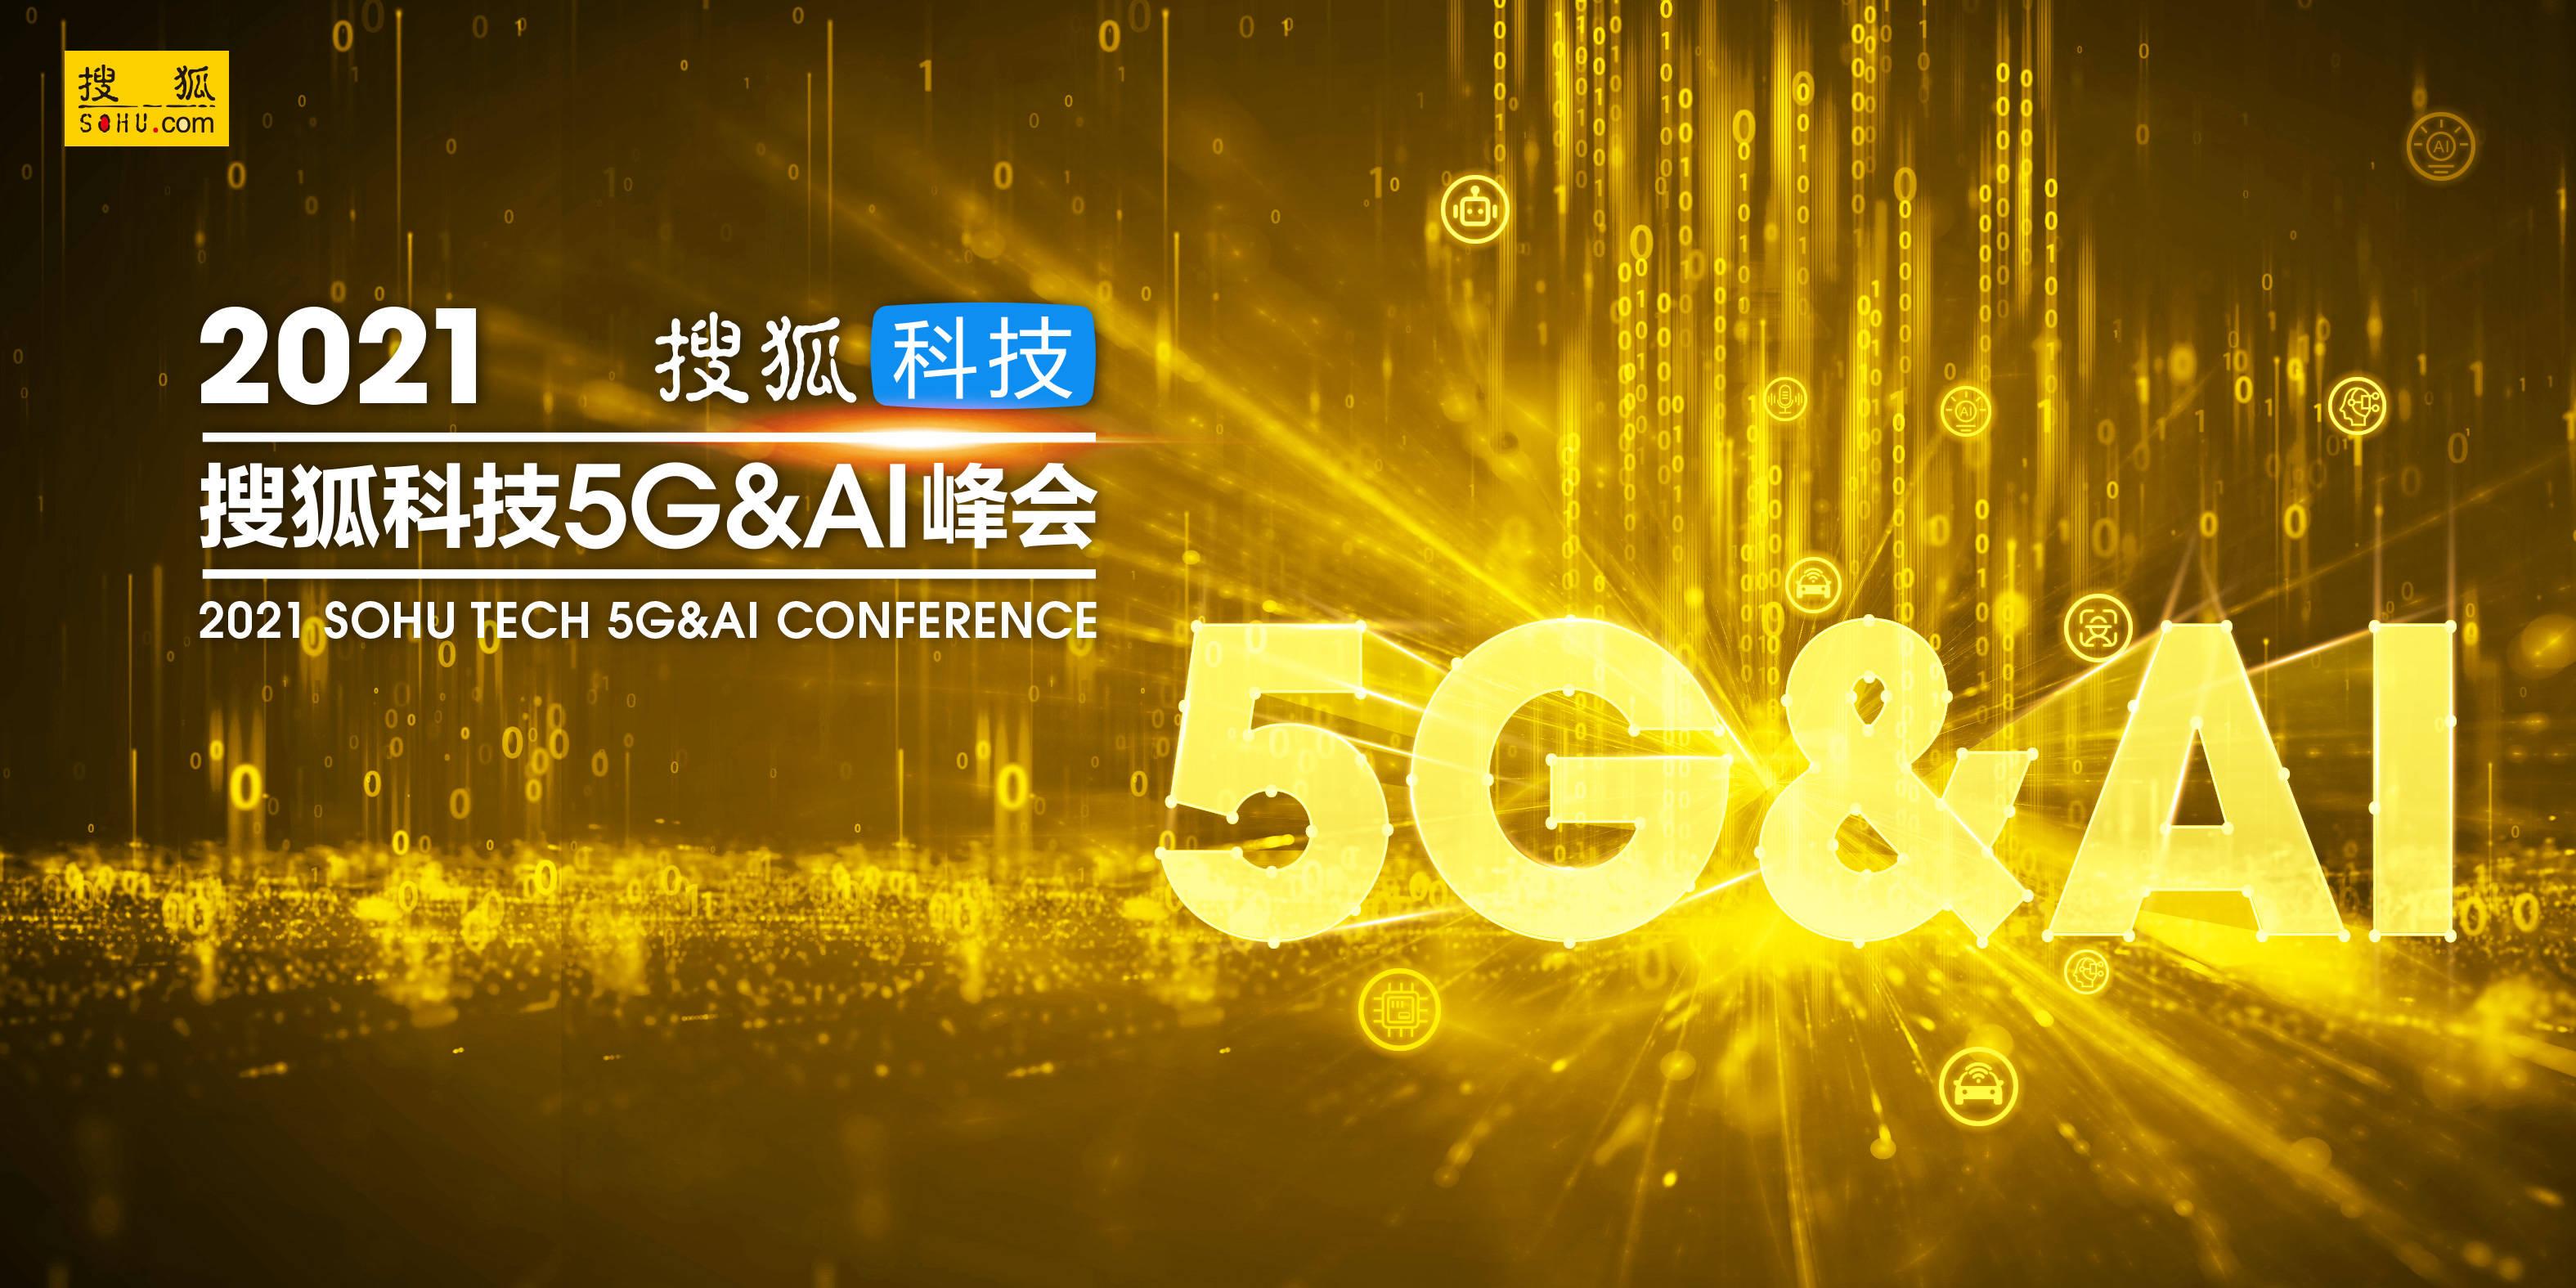 搜狐科技5G&AI峰会再度相约517电信日,顶级嘉宾解读未来